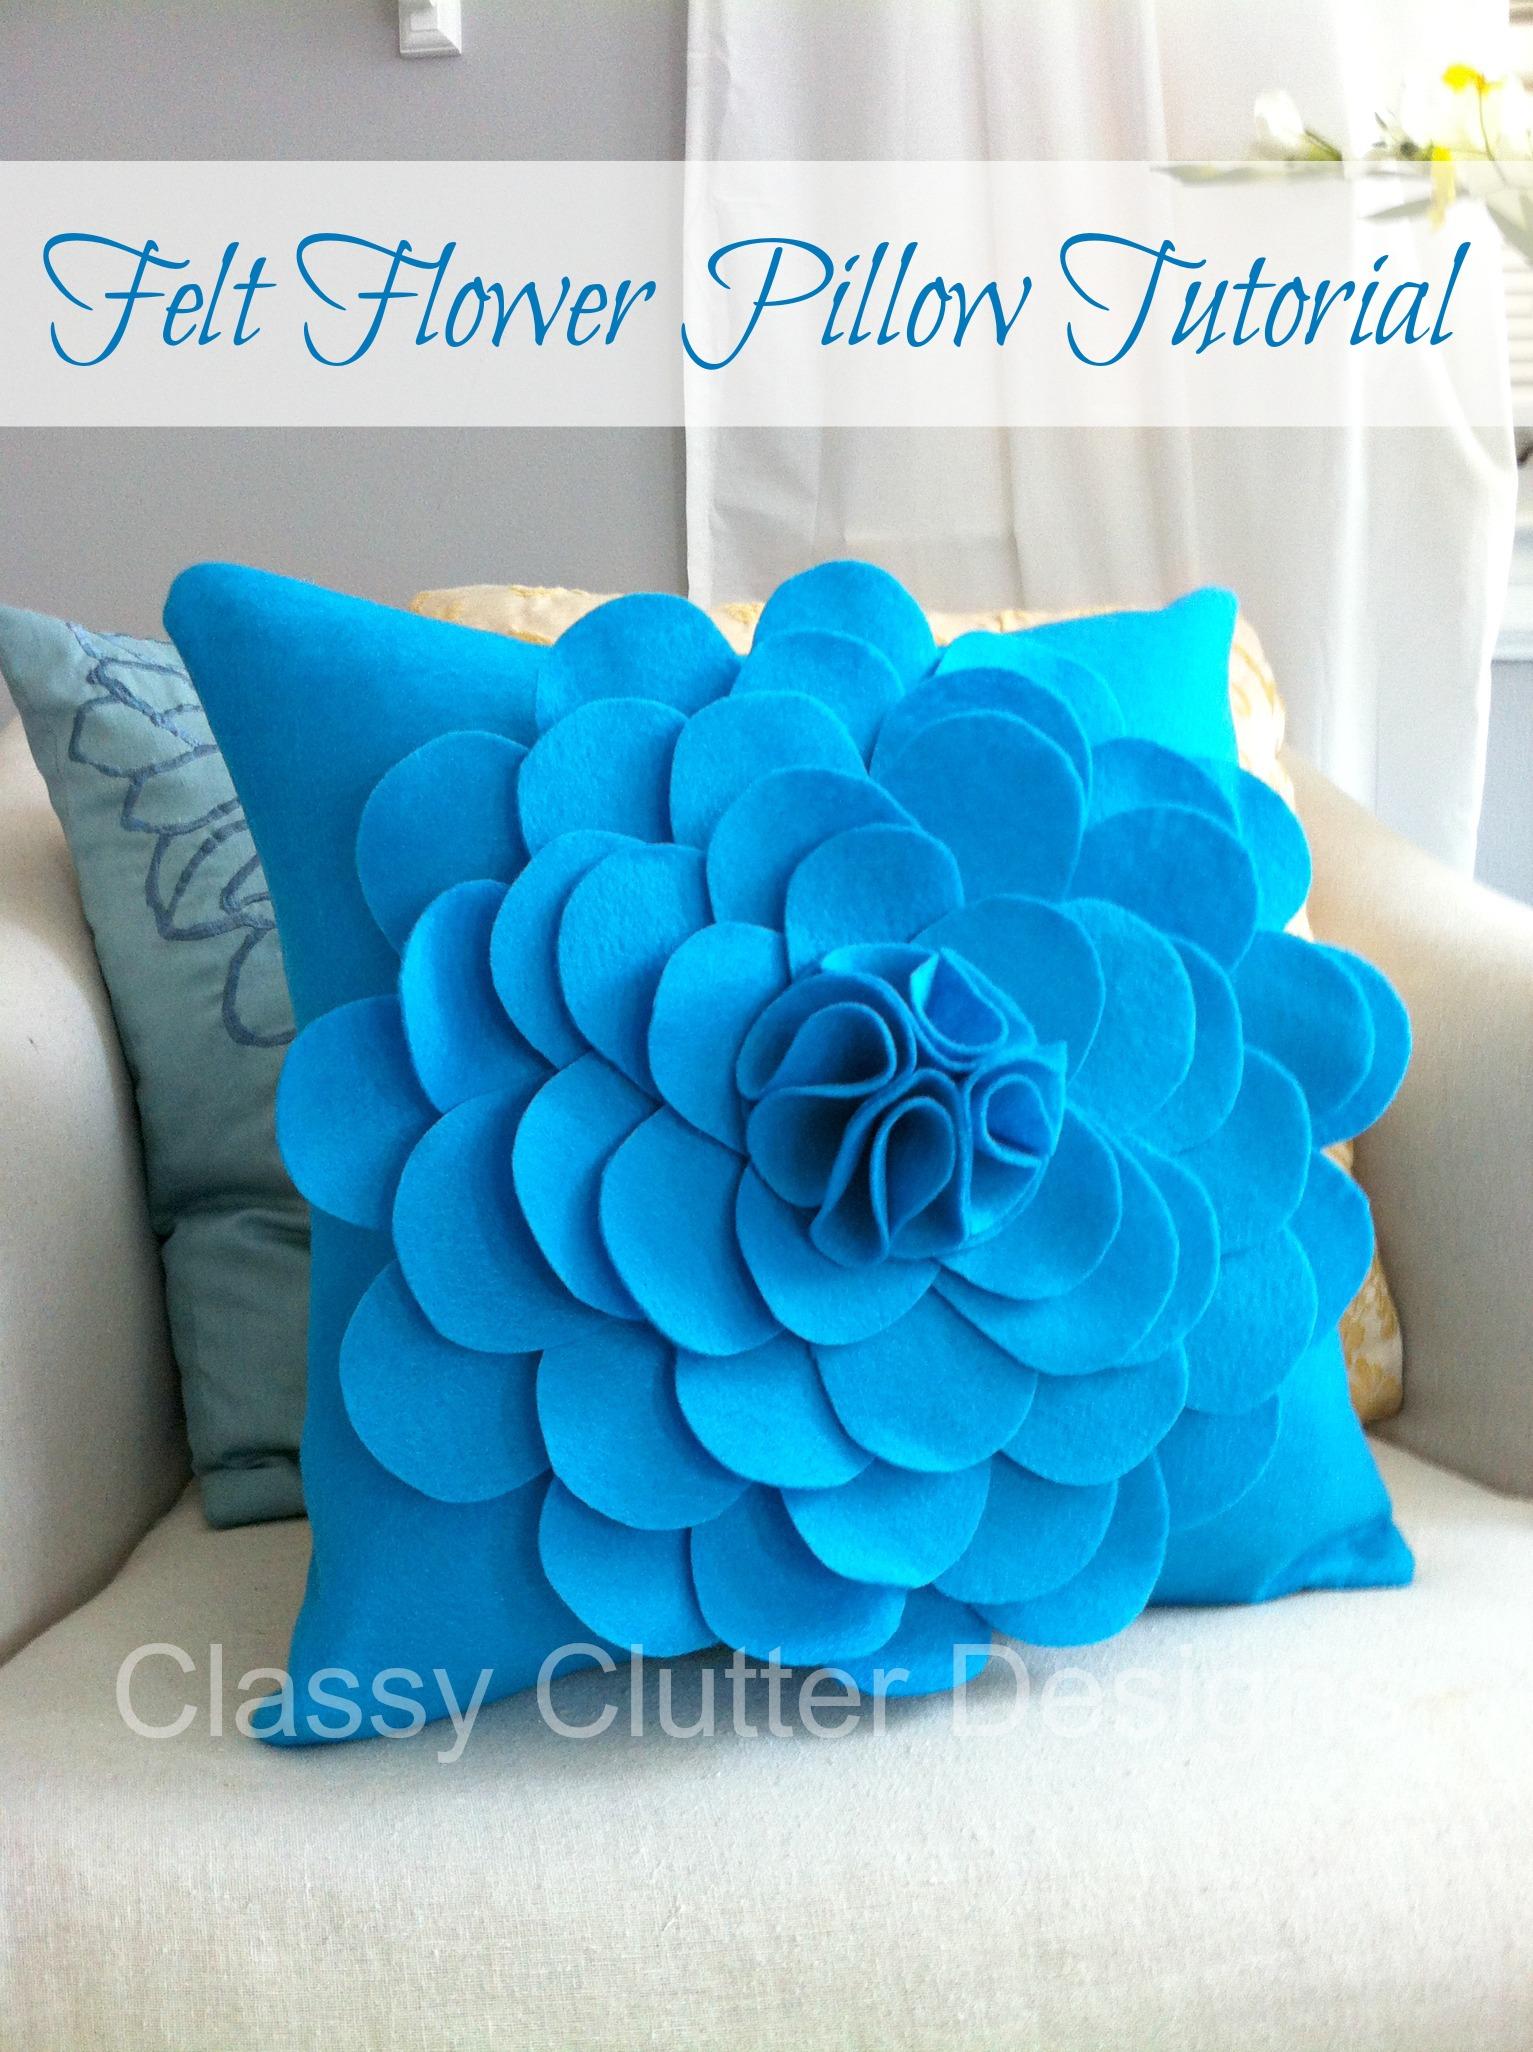 How to make a Felt Flower Pillow  Classy Clutter